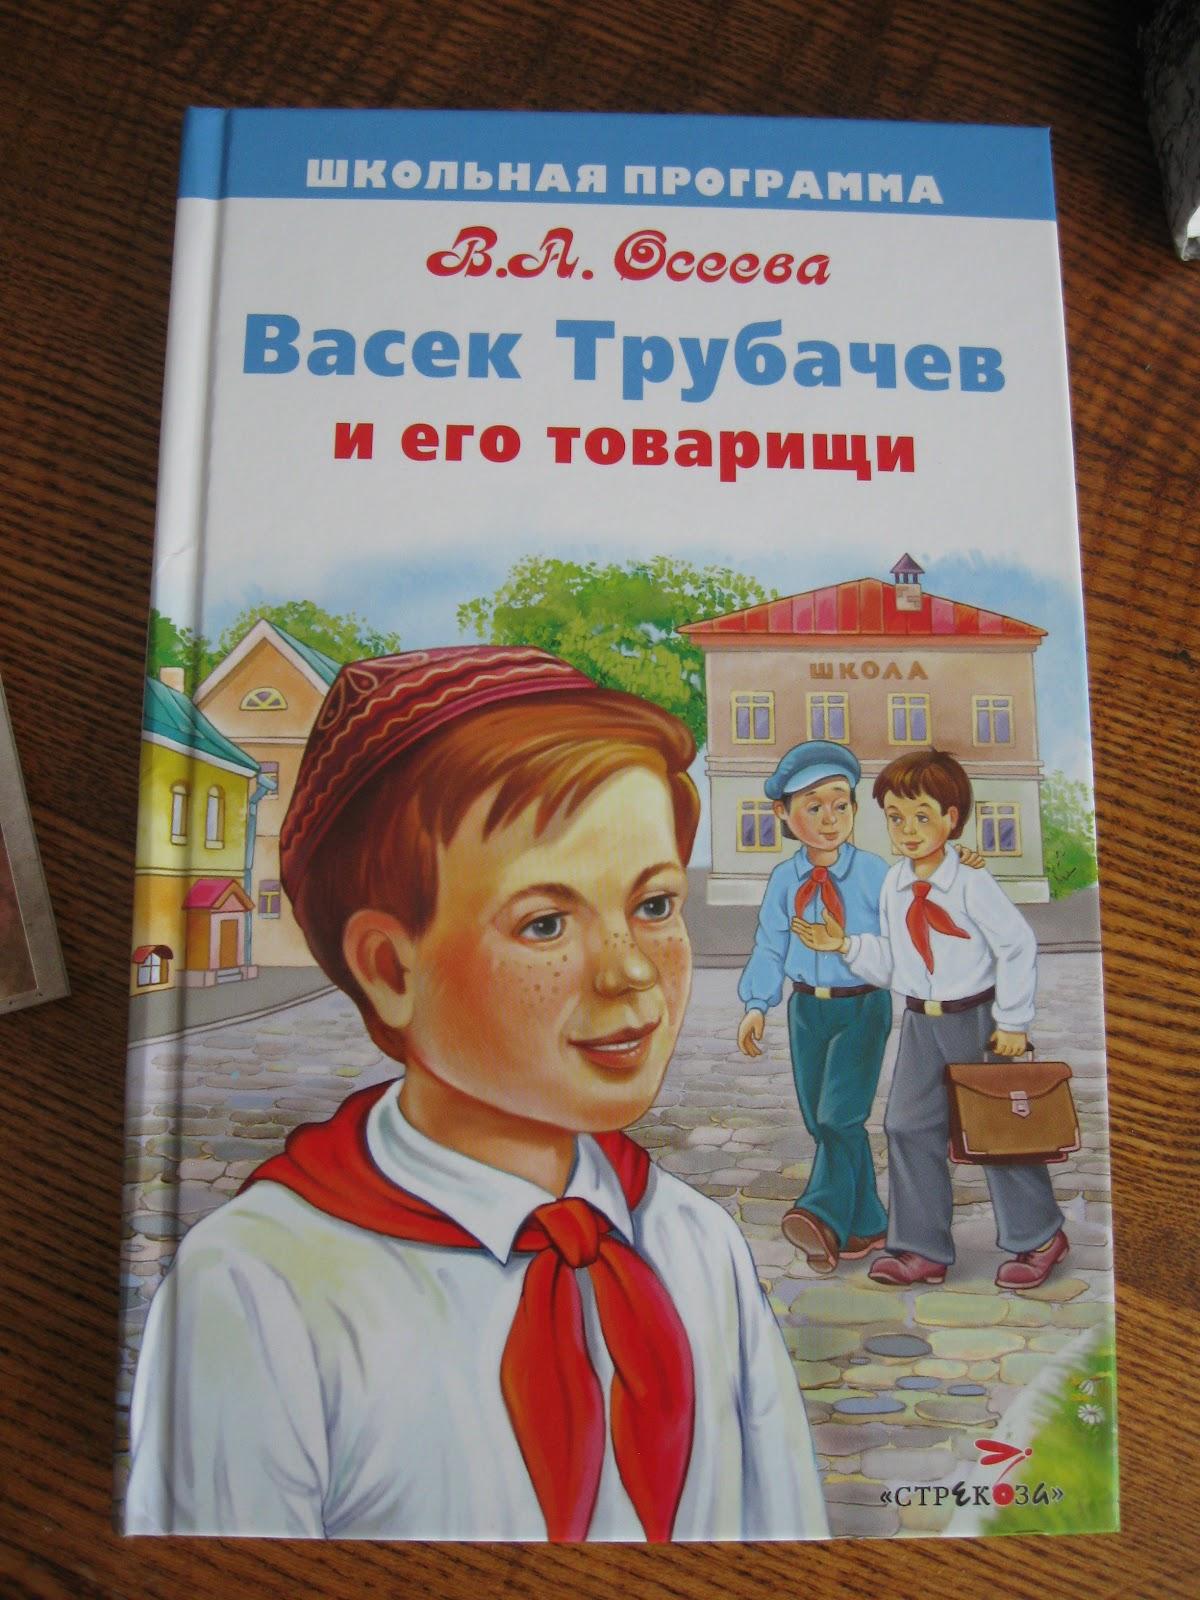 Баранов история россии полный справочник читать онлайн